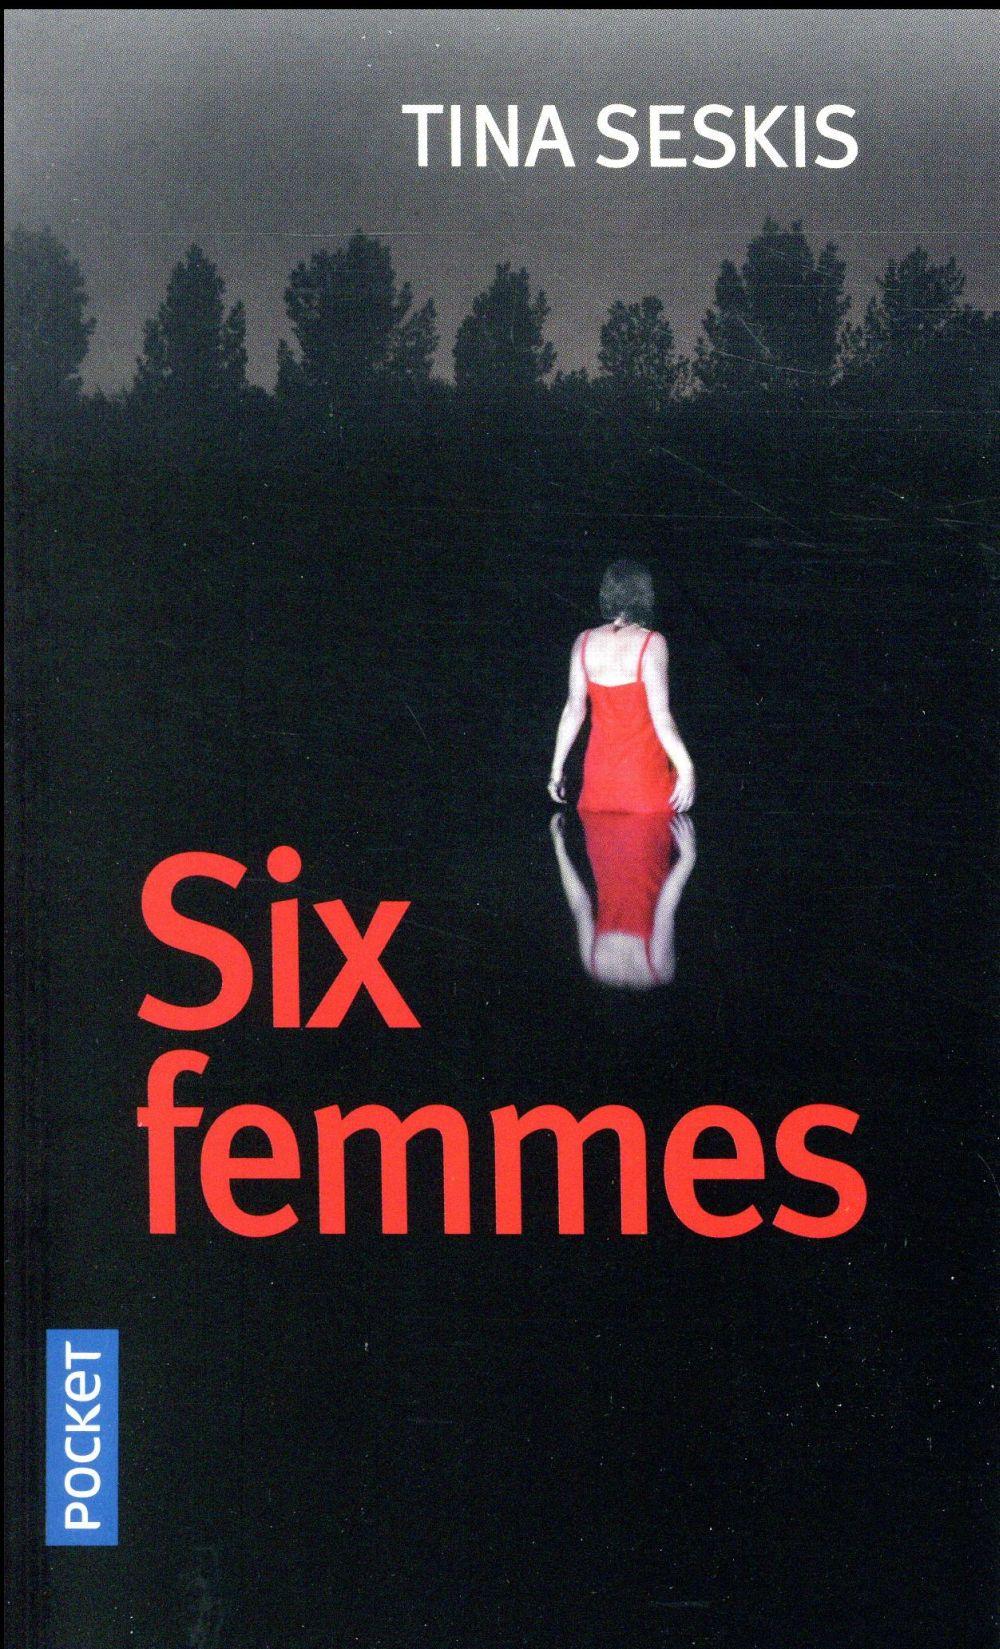 SIX FEMMES SESKIS, TINA